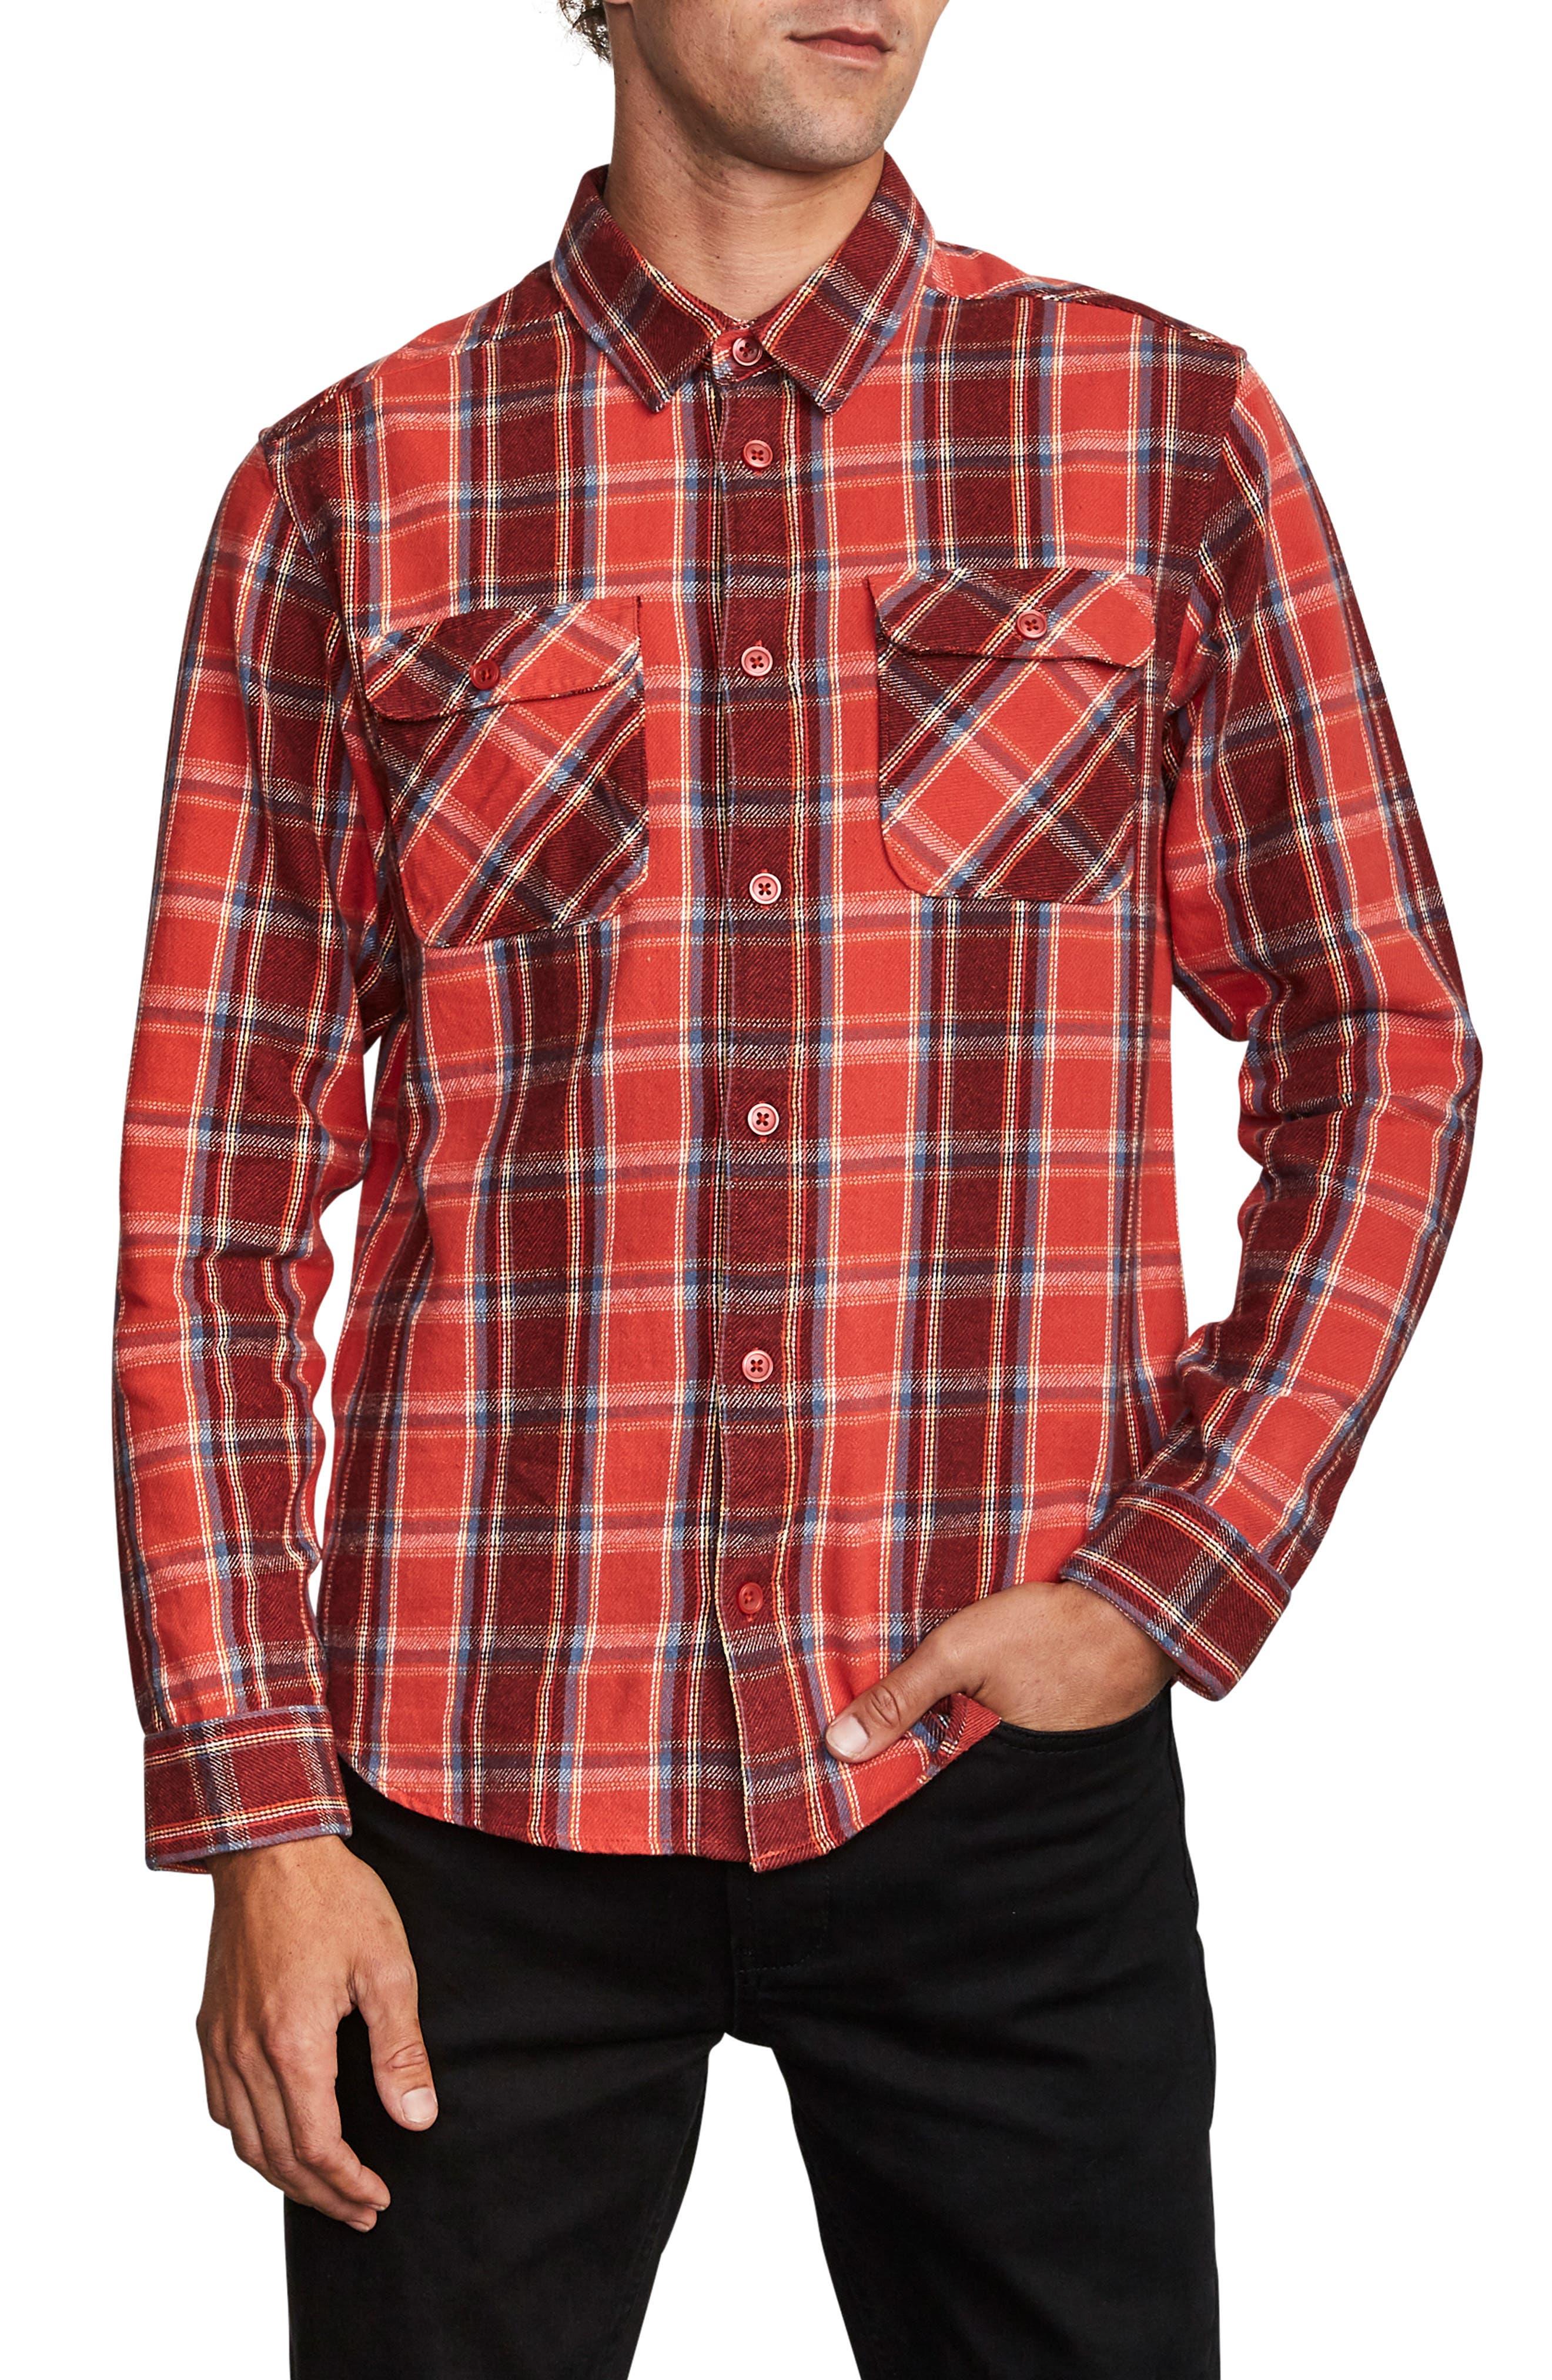 1950s Mens Shirts | Retro Bowling Shirts, Vintage Hawaiian Shirts Mens Rvca ThatLl Work Slim Fit Plaid Flannel Shirt $60.00 AT vintagedancer.com